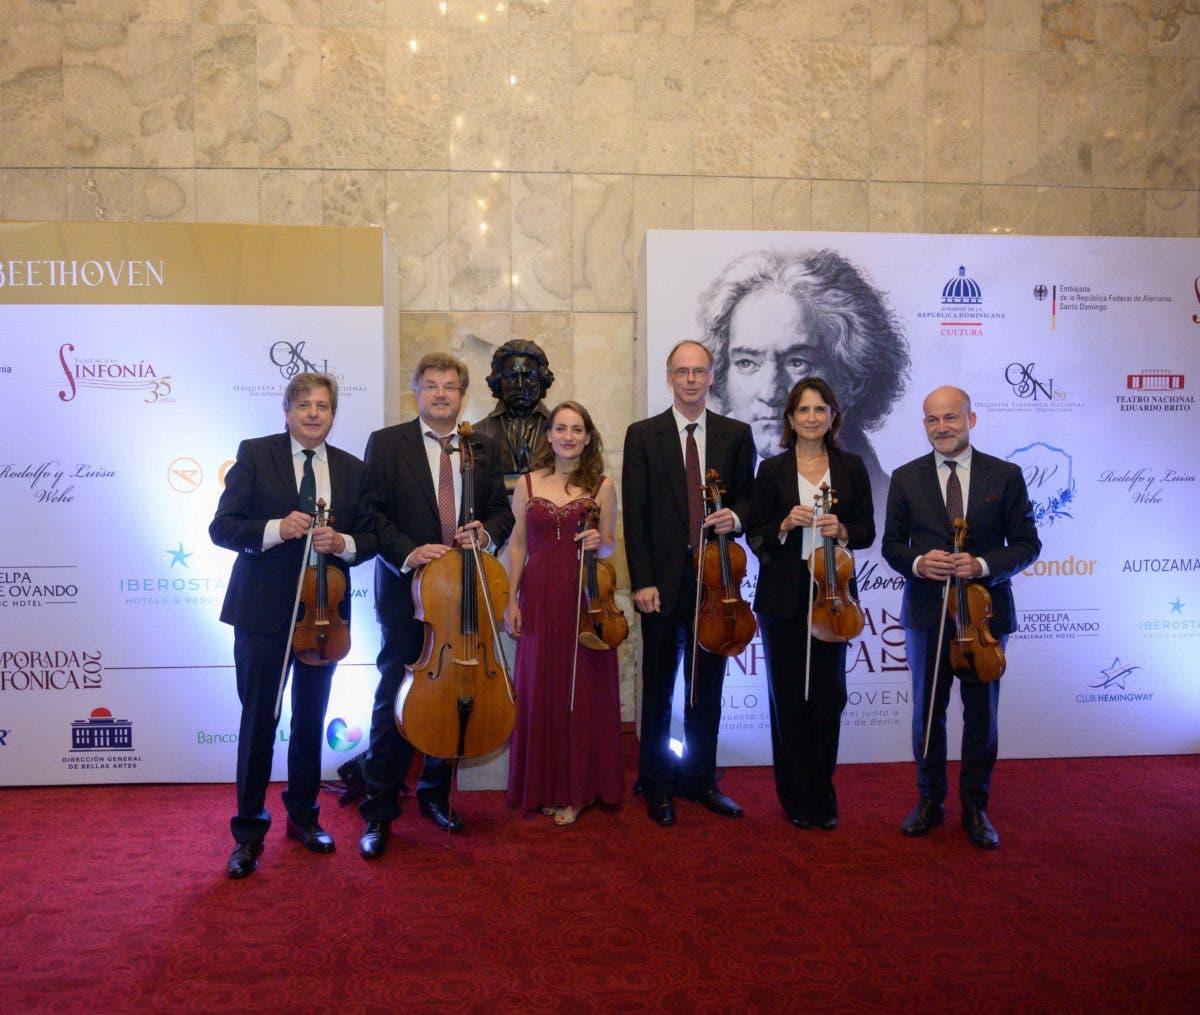 Solo Beethoven: Músicos Filarmónica de Berlín se presentan por primera vez en el Teatro Nacional